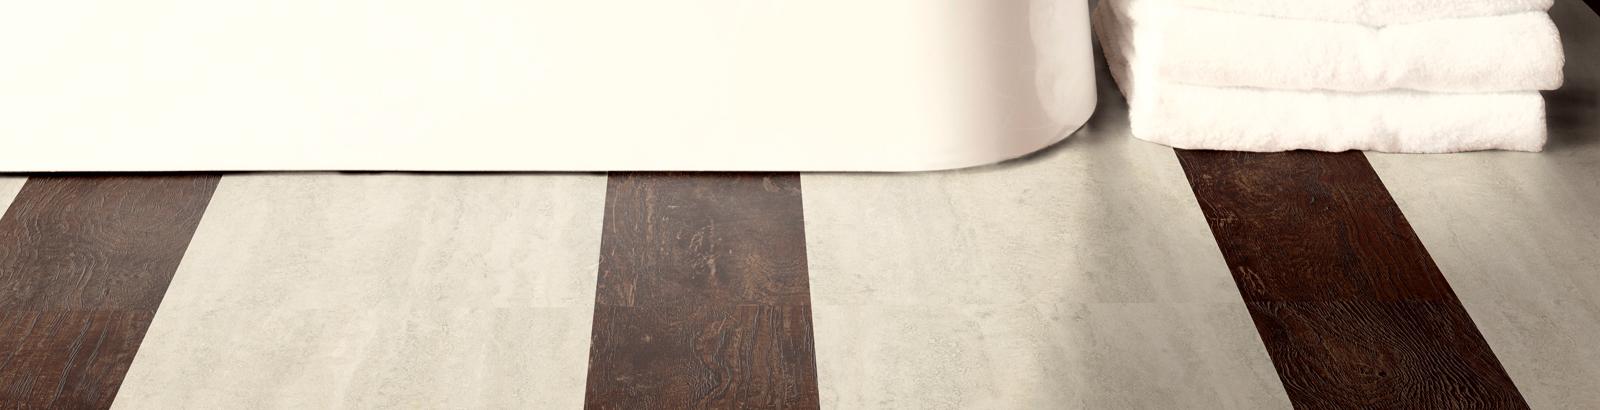 laminat in feuchtr umen. Black Bedroom Furniture Sets. Home Design Ideas